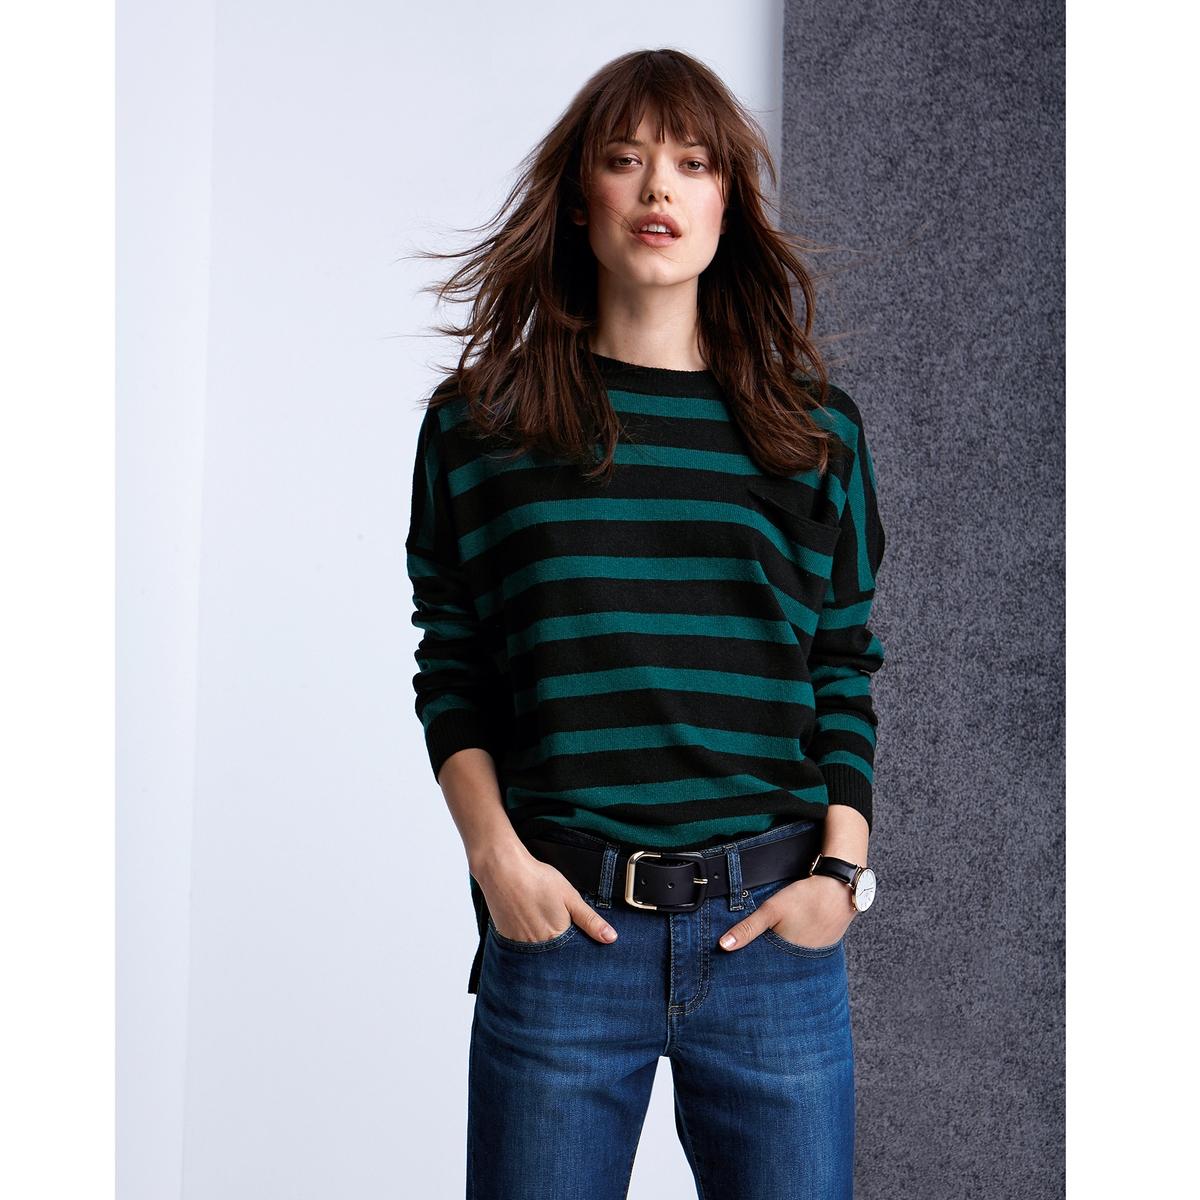 Пуловер, 50% шерсти ягненкаПолосатый пуловер с округлым вырезом из красивого трикотажа, 50% шерсти ягненка, 30% полиамида и 20% вискозы. Длинные рукава.Небольшой кармашек спереди.Длина 65 см.Полоски придают пуловеру динамизм, делая его идеальным дополнением к джинсам.<br><br>Цвет: черный в зеленую полоску